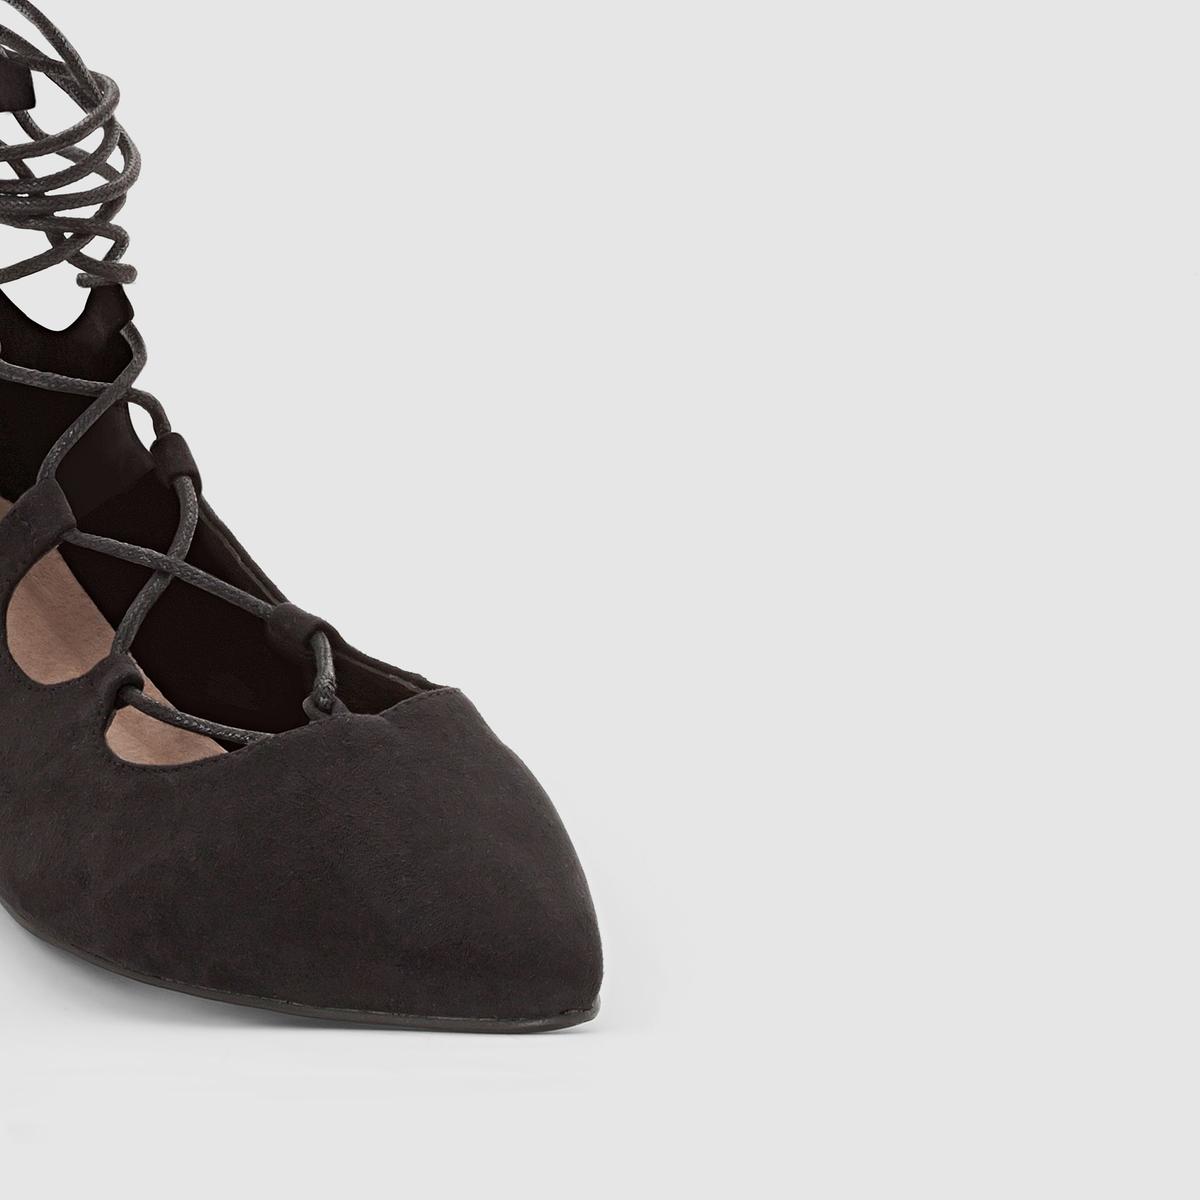 Балетки на шнуровке гилиМарка : CASTALUNAПодходит : для широкой стопы.Верх : искусственная замша.Подкладка : синтетикаСтелька  : кожа.Подошва : из эластомера.Плоский каблук.Преимущества : очень стильная шнуровка гили.<br><br>Цвет: черный<br>Размер: 39